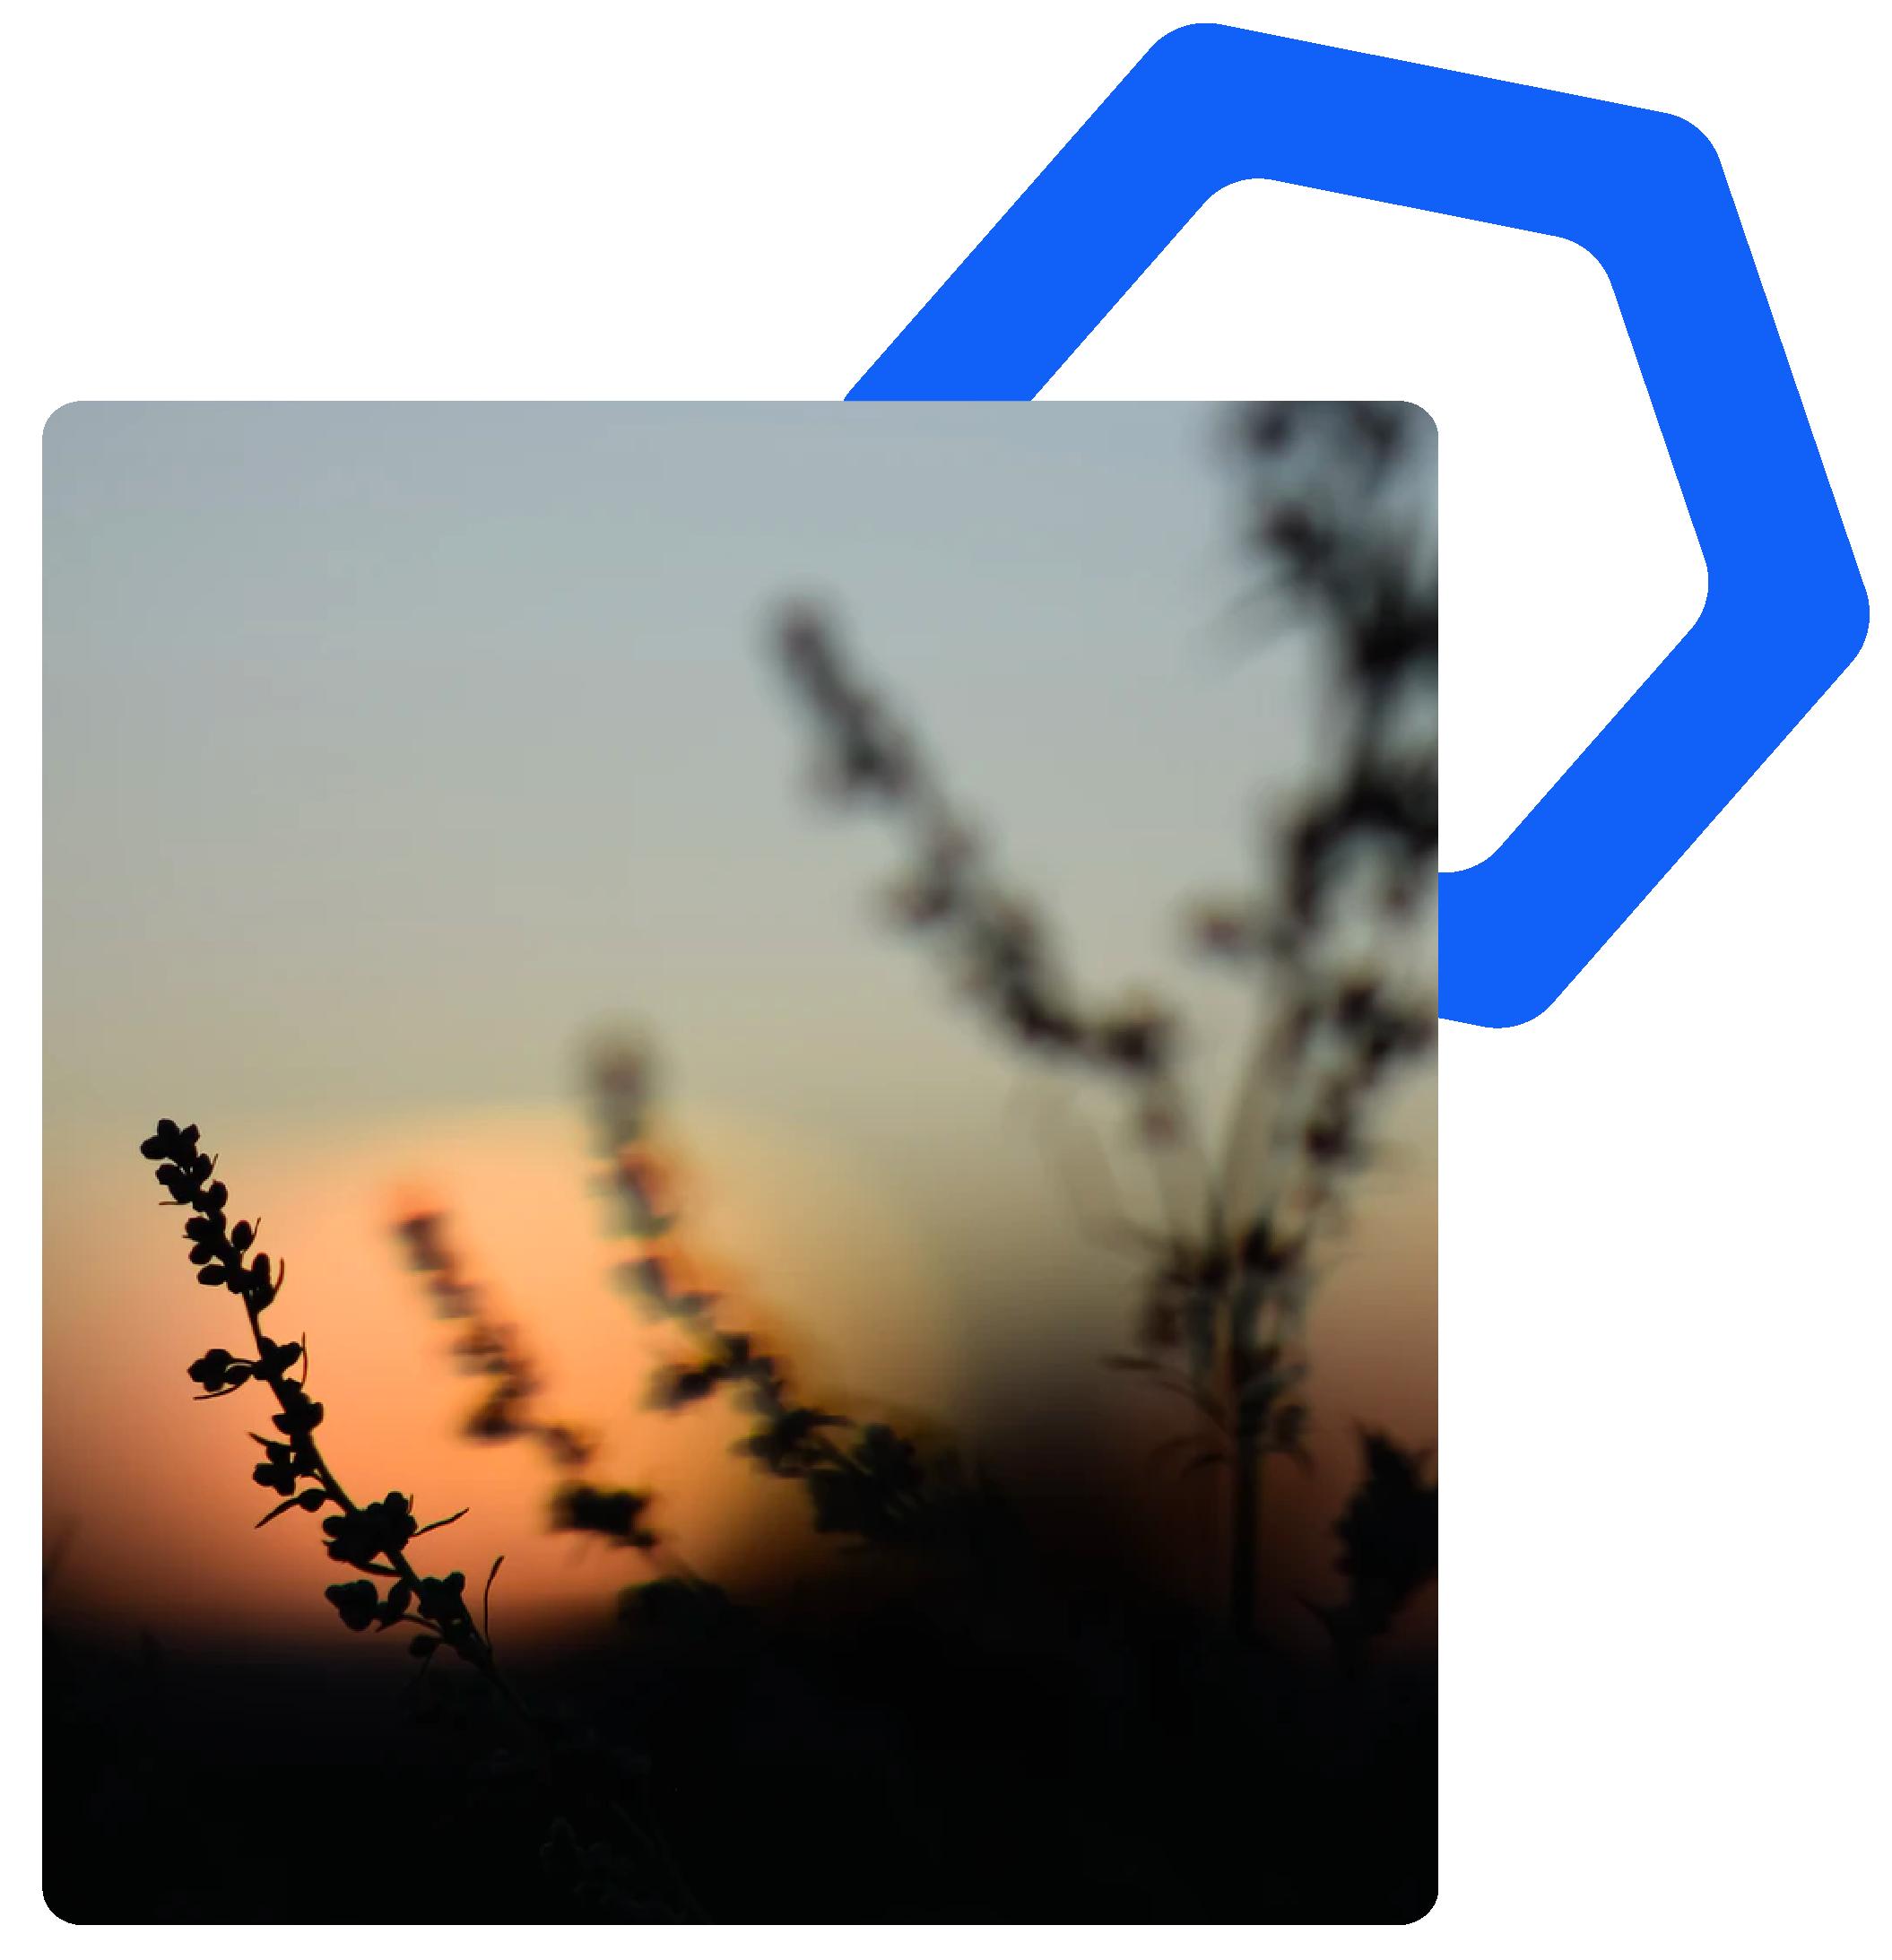 CE_images_24_3d044424cc